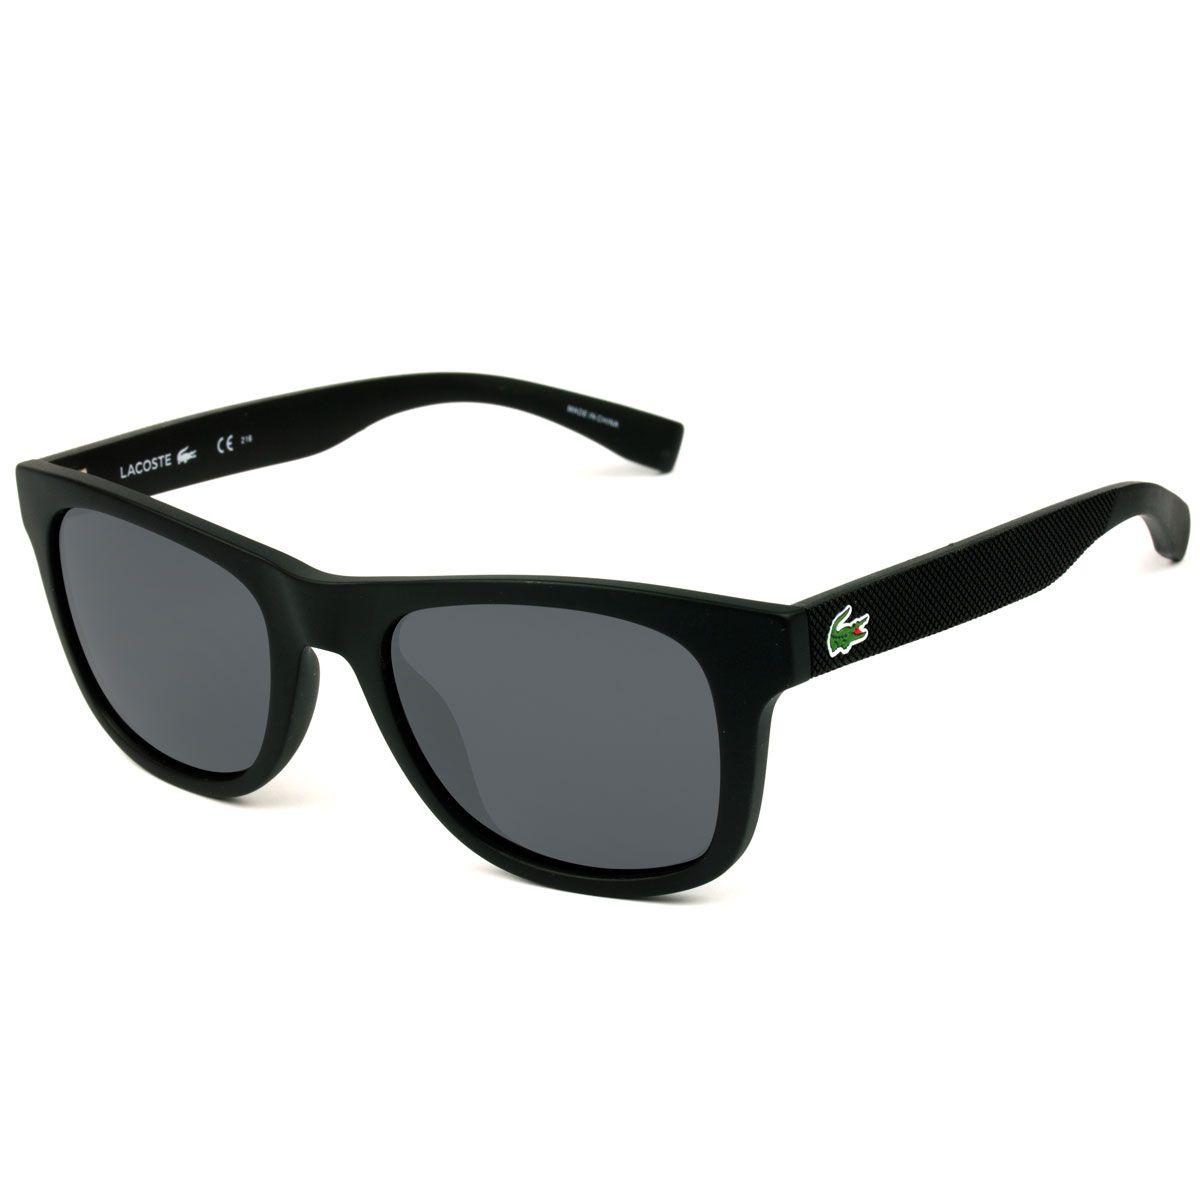 7d517cb33c3b5 Óculos De Sol Masculino Lacoste L790s 001 - Omega Ótica e Relojoaria